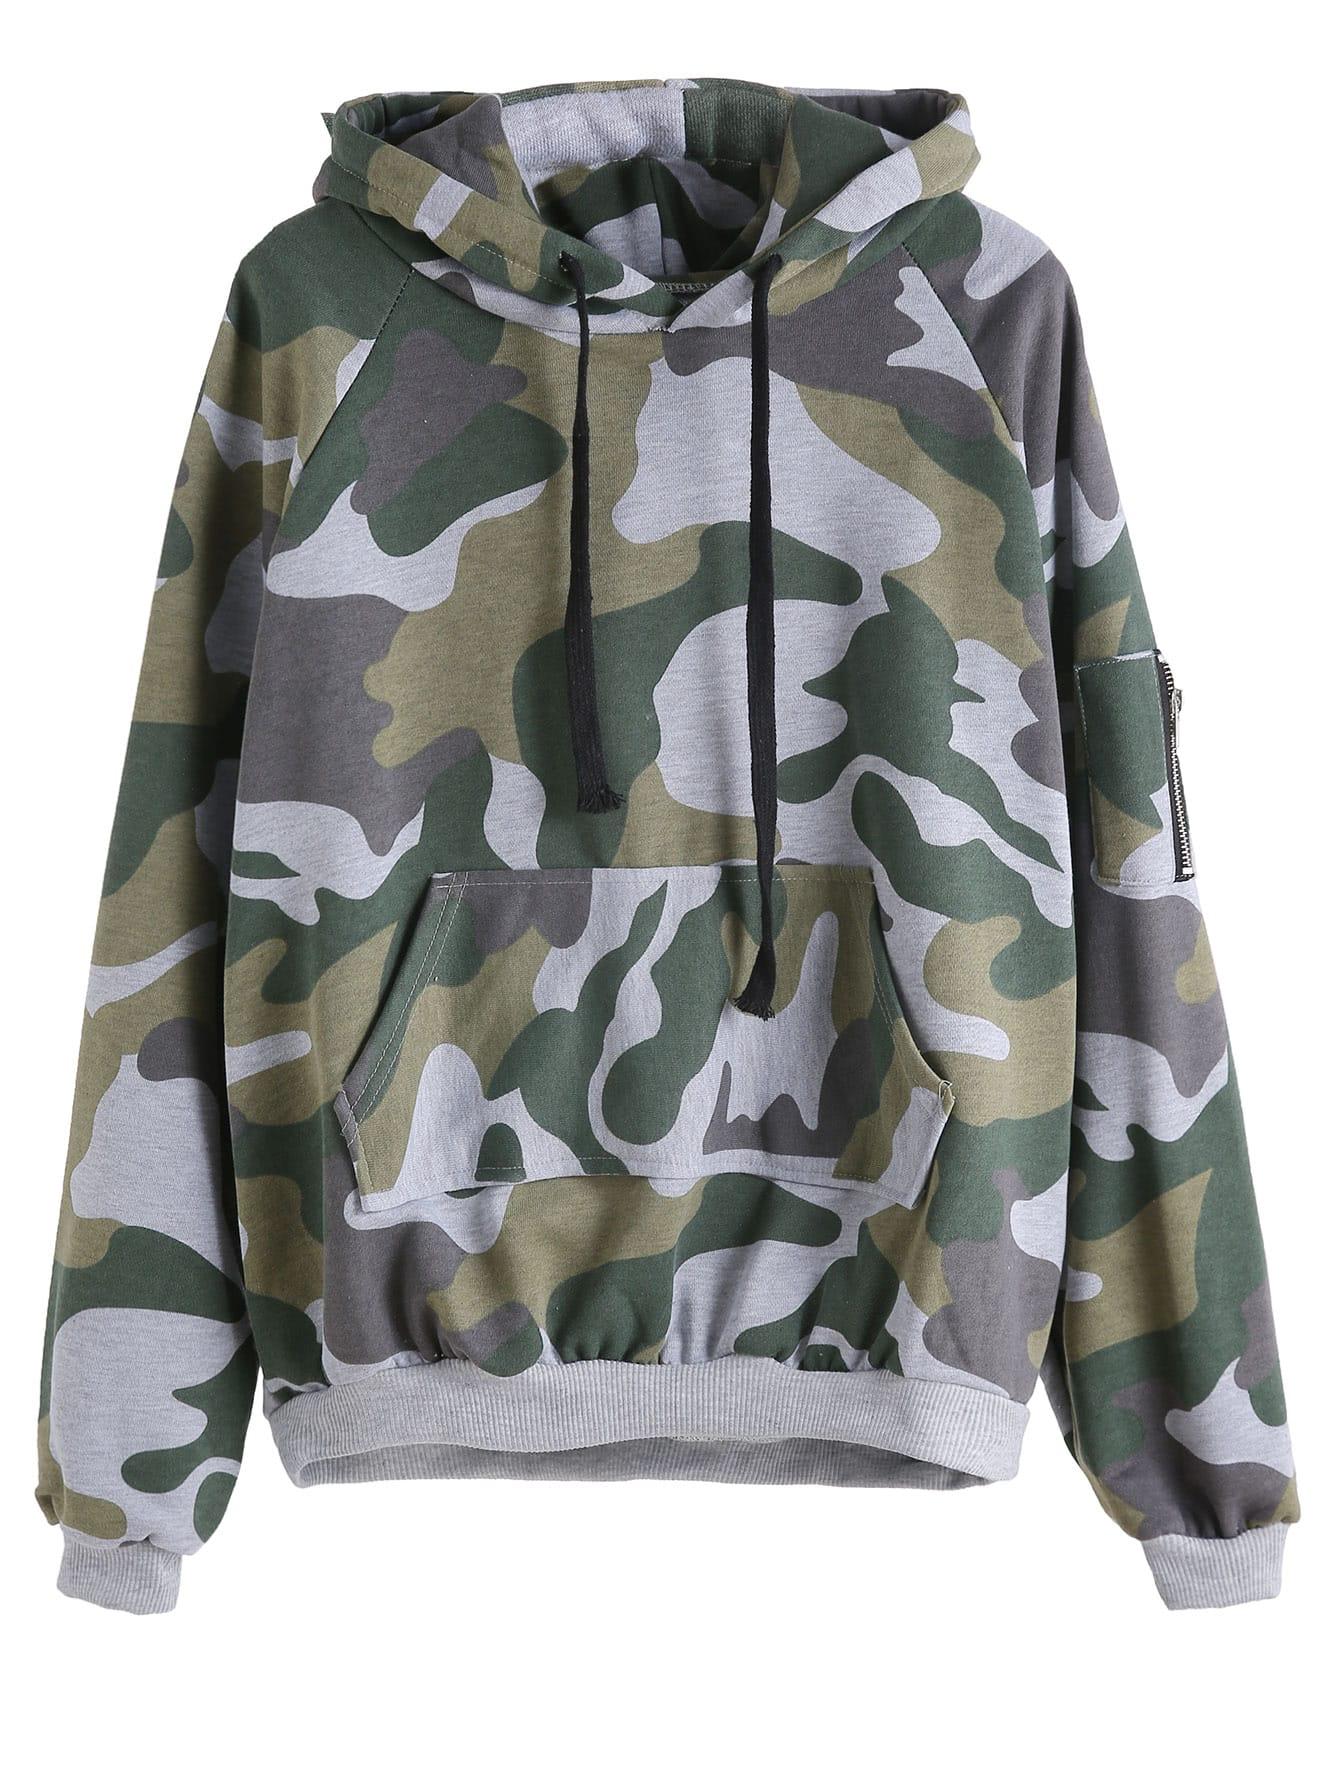 Фото Camo Print Zip Hooded Drawstring Sweatshirt With Pocket. Купить с доставкой